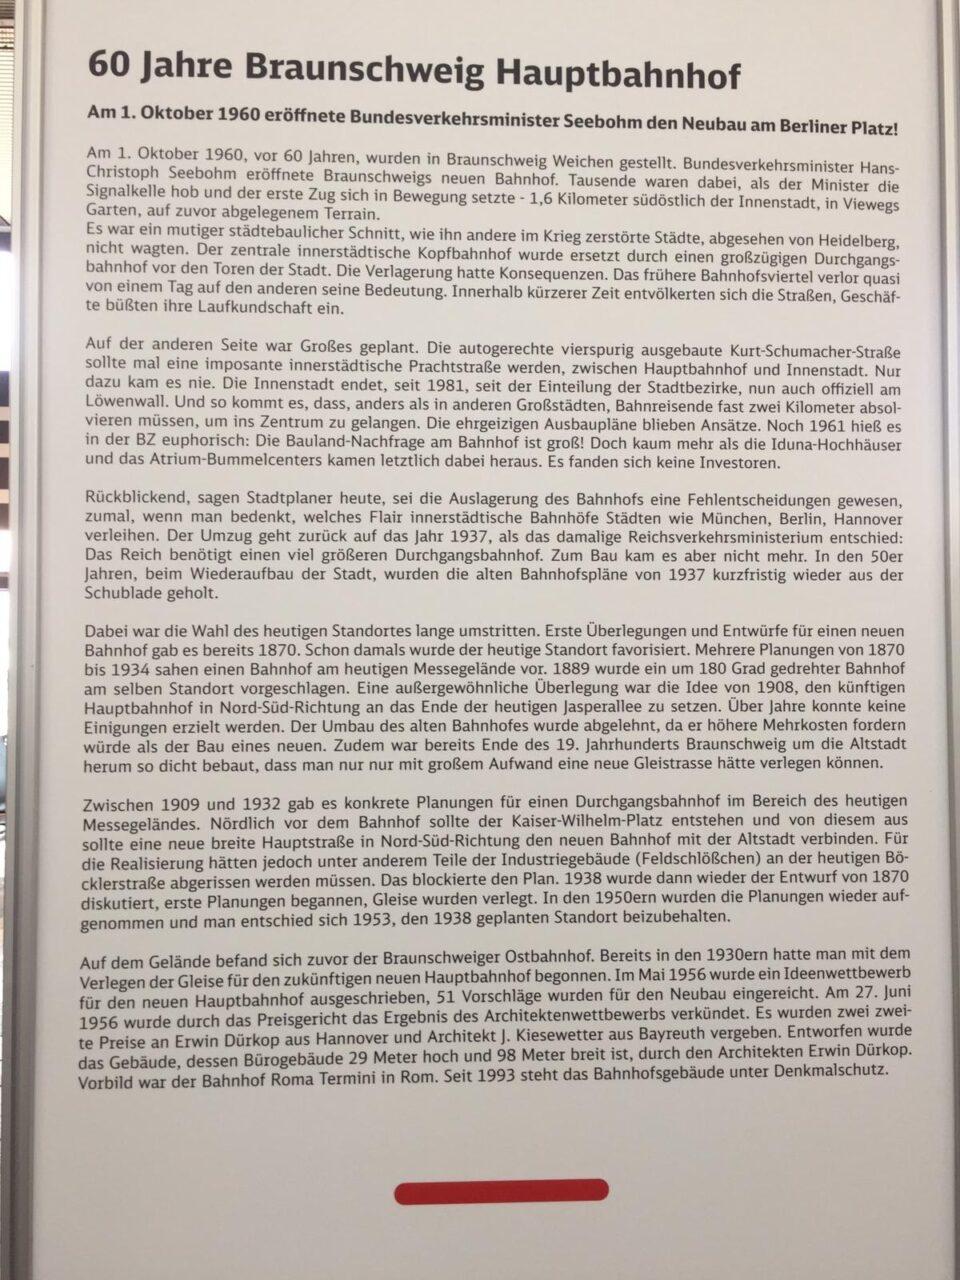 60 Jahre Hbf Braunschweig